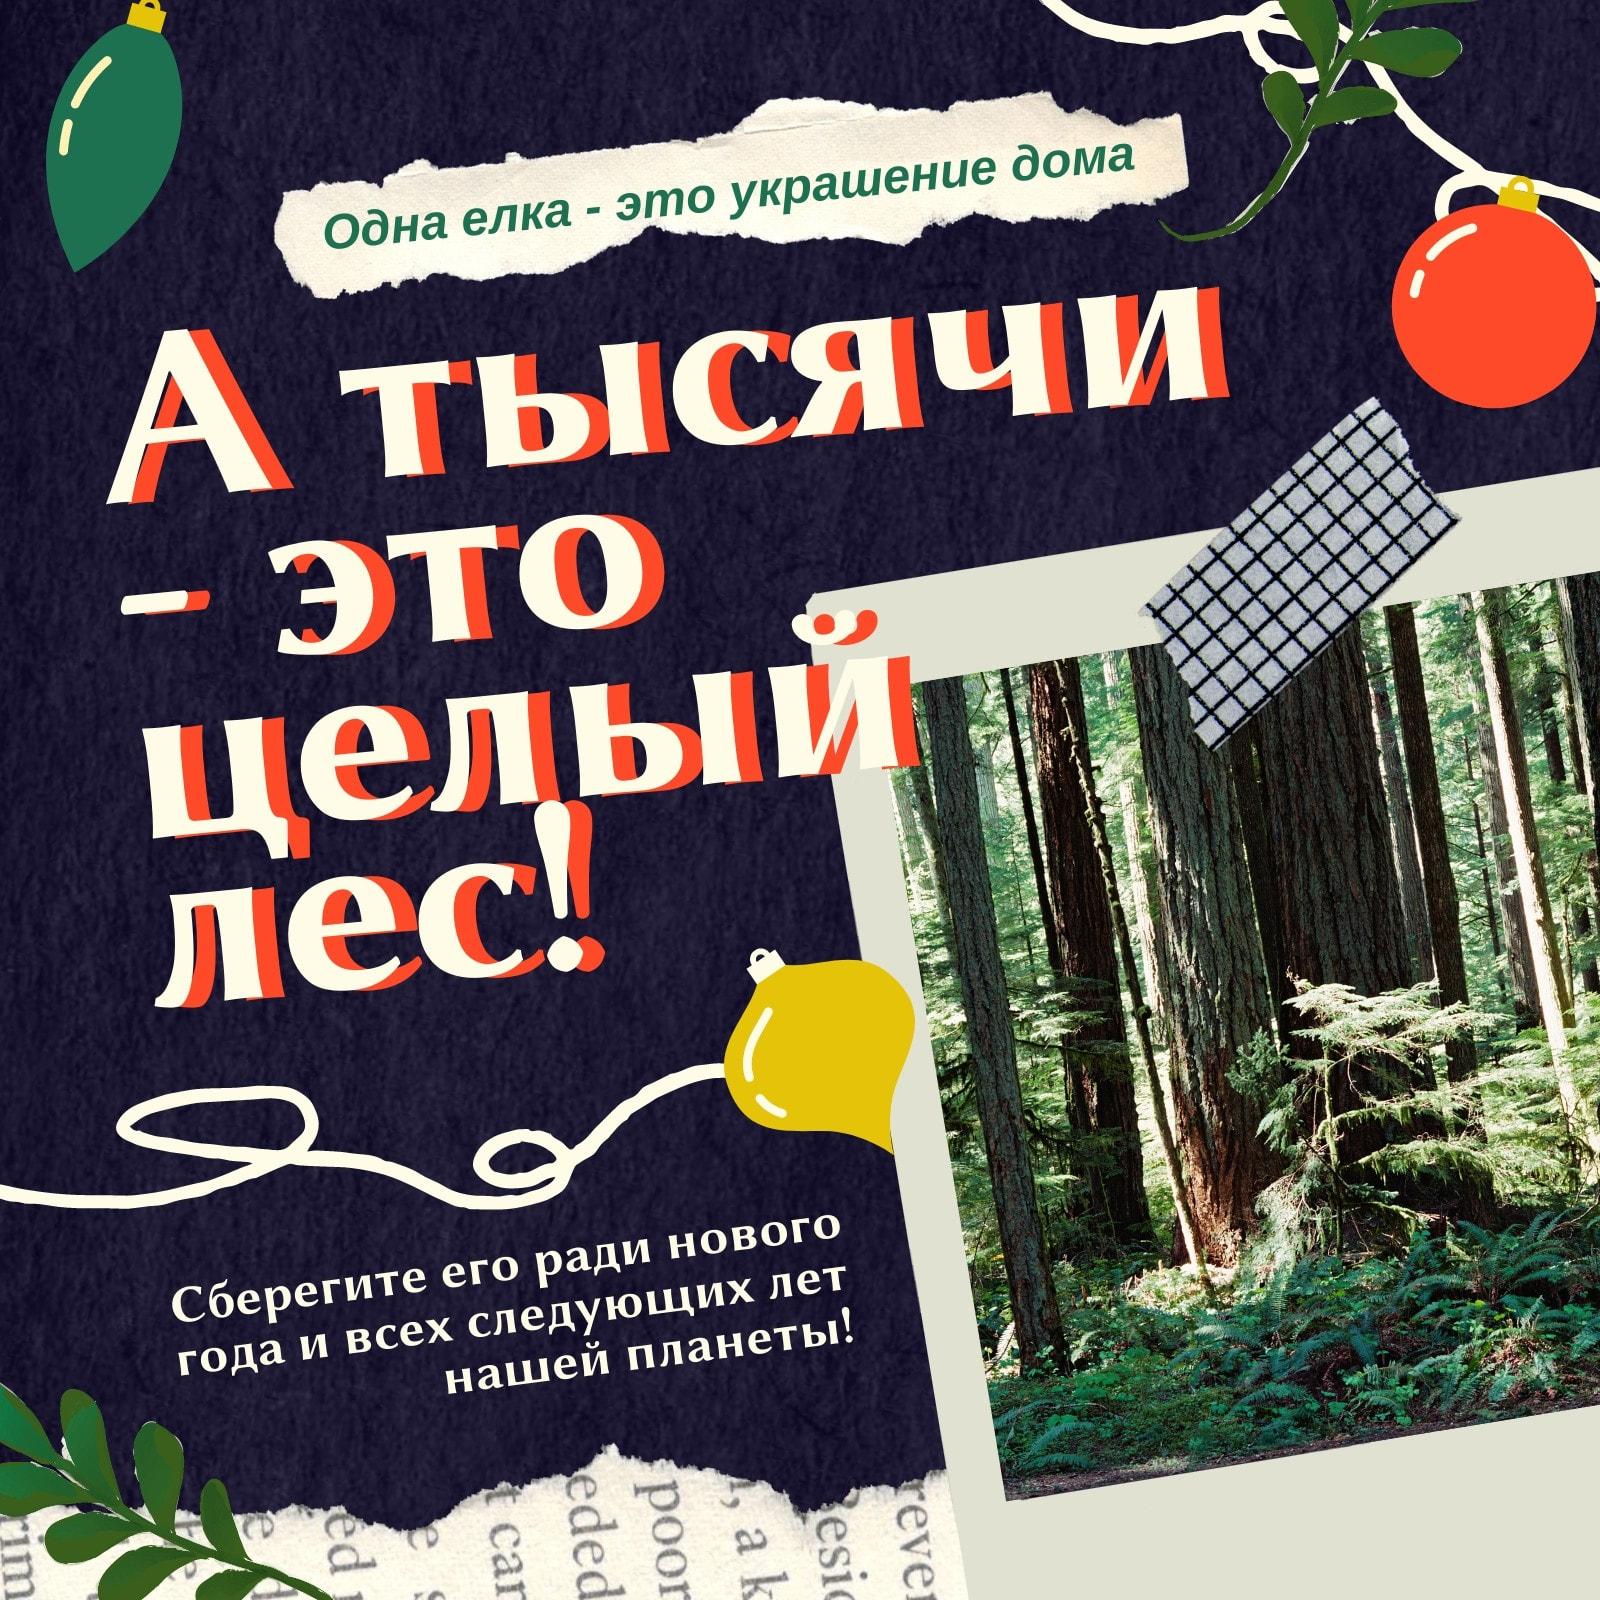 Цветная новогодняя публикация в Instagram с фотографией леса